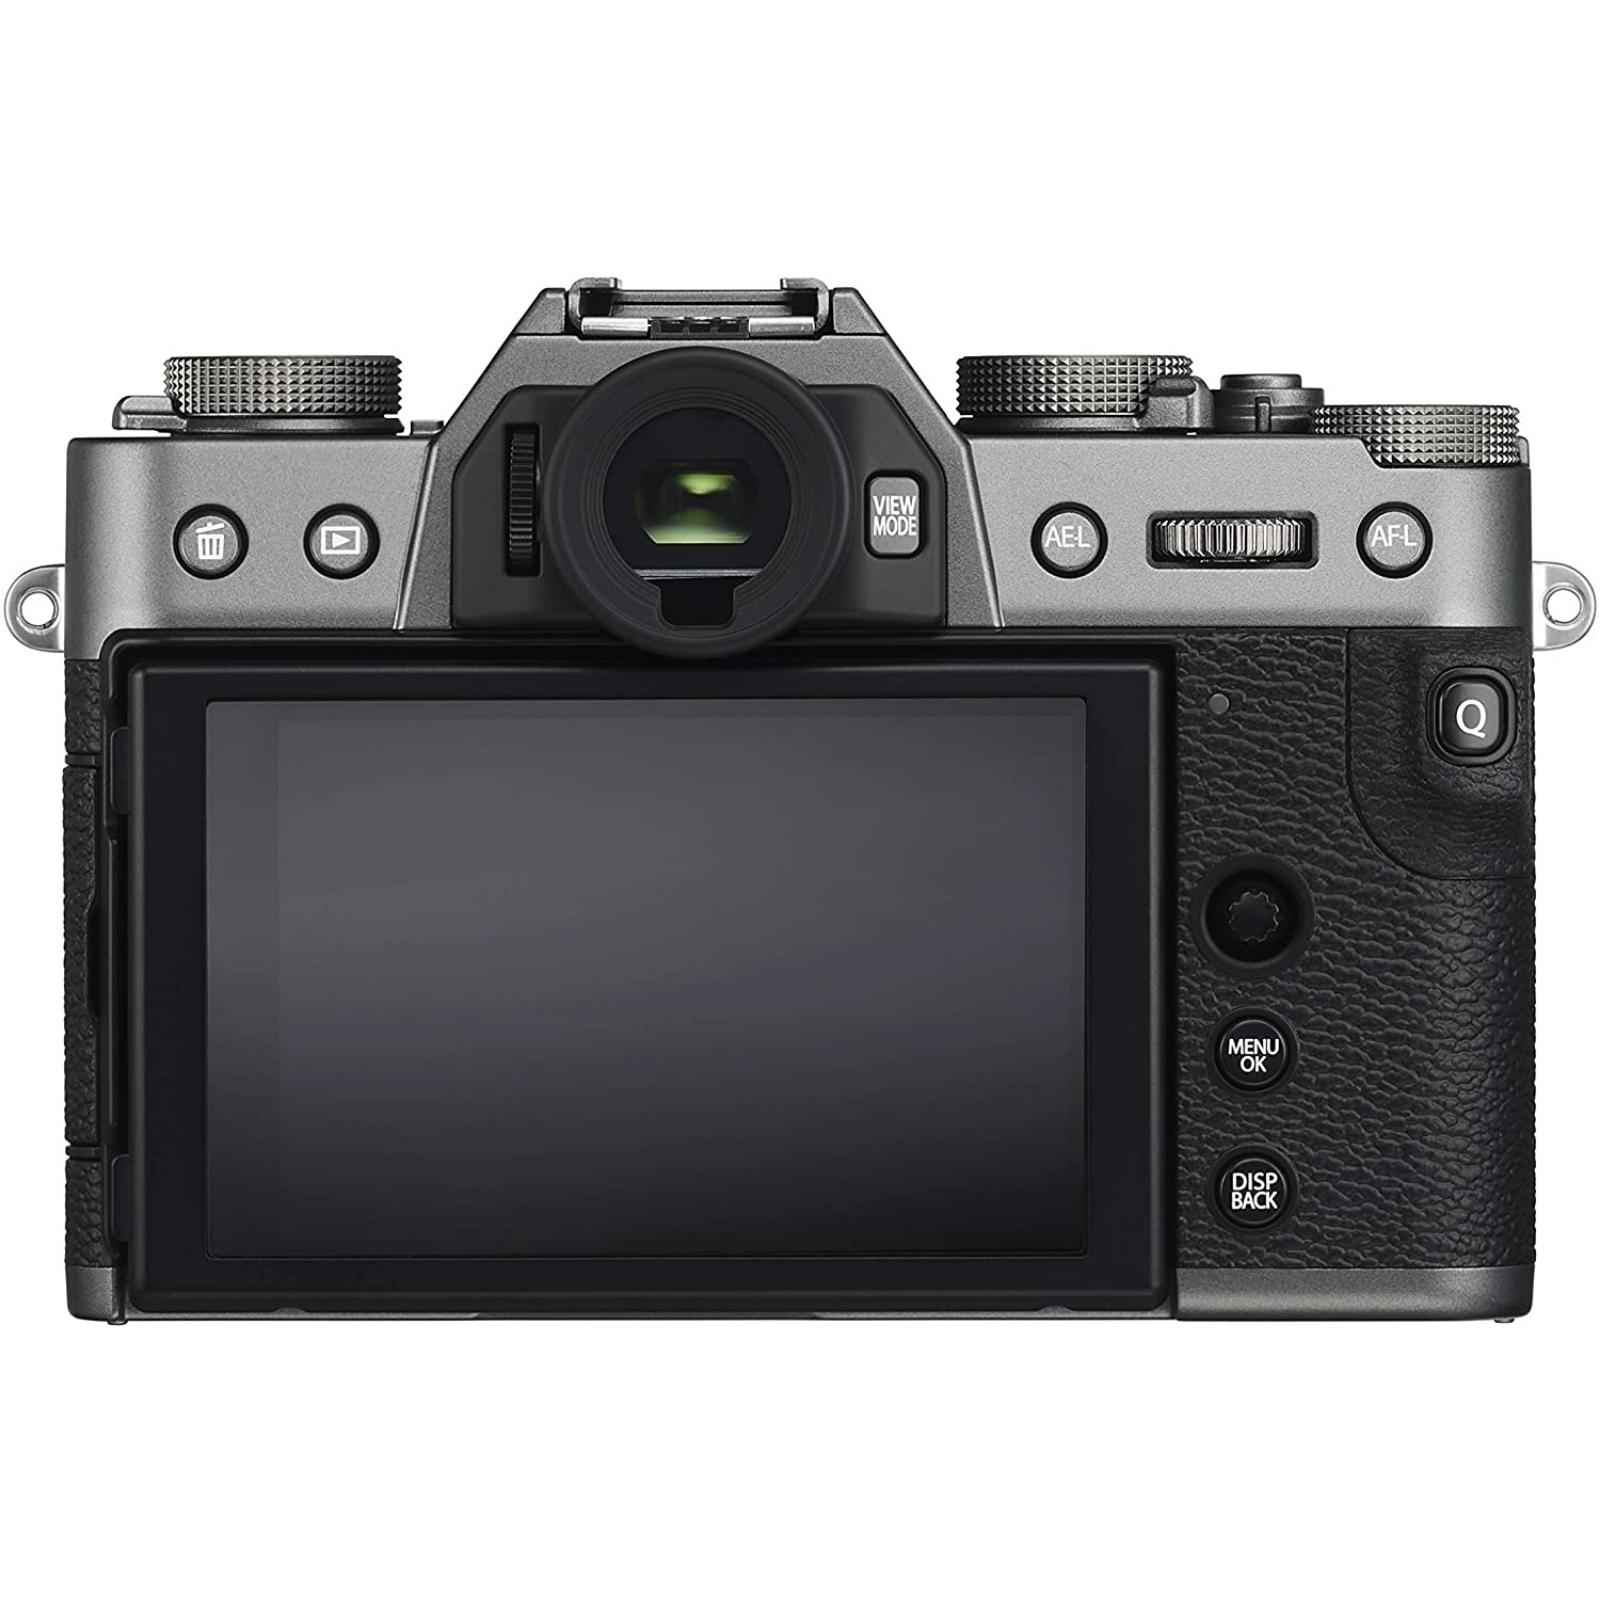 FUJIFILM 富士フィルム ミラーレス一眼カメラ X-T30 ボディ チャコールシルバー X-T30-CS 新品